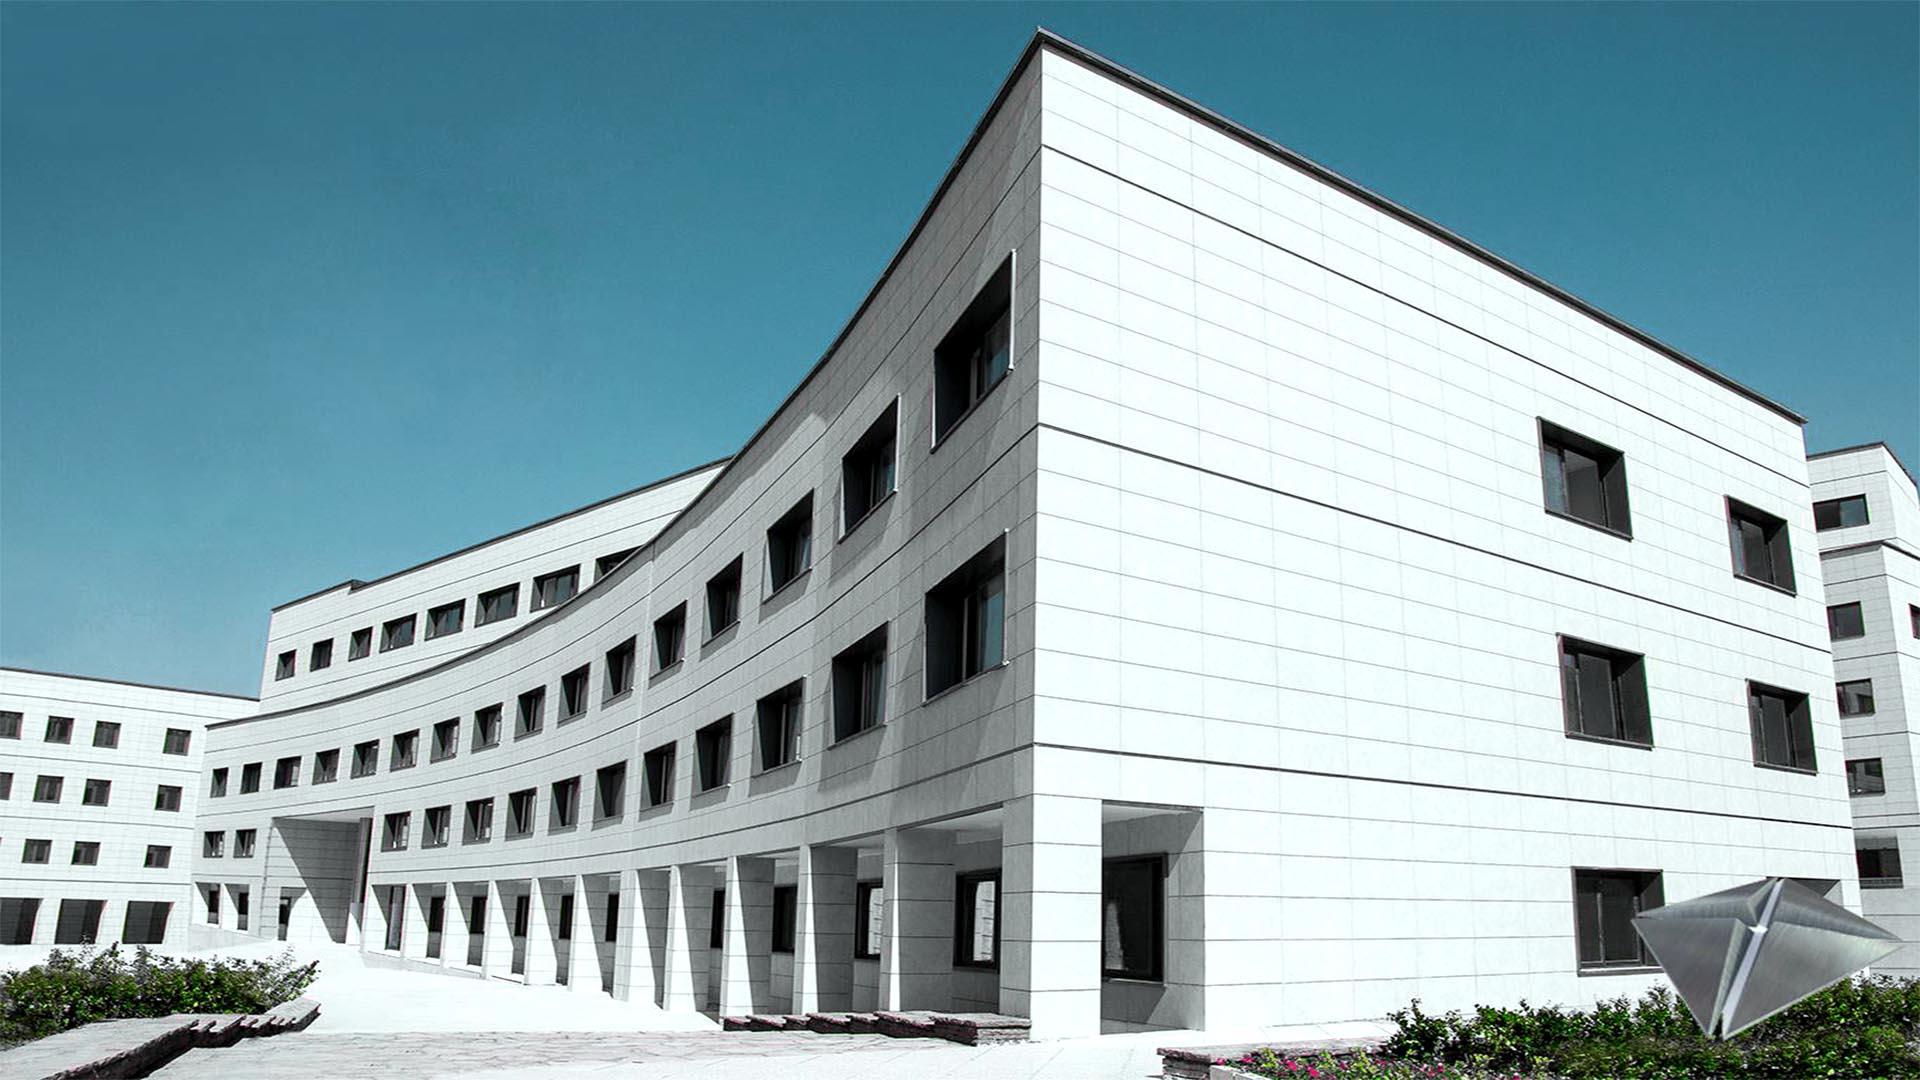 پروژه مجتمع آموزشی دانشگاه آزاد واحد تهران شمال واقع در حکیمیه تهران